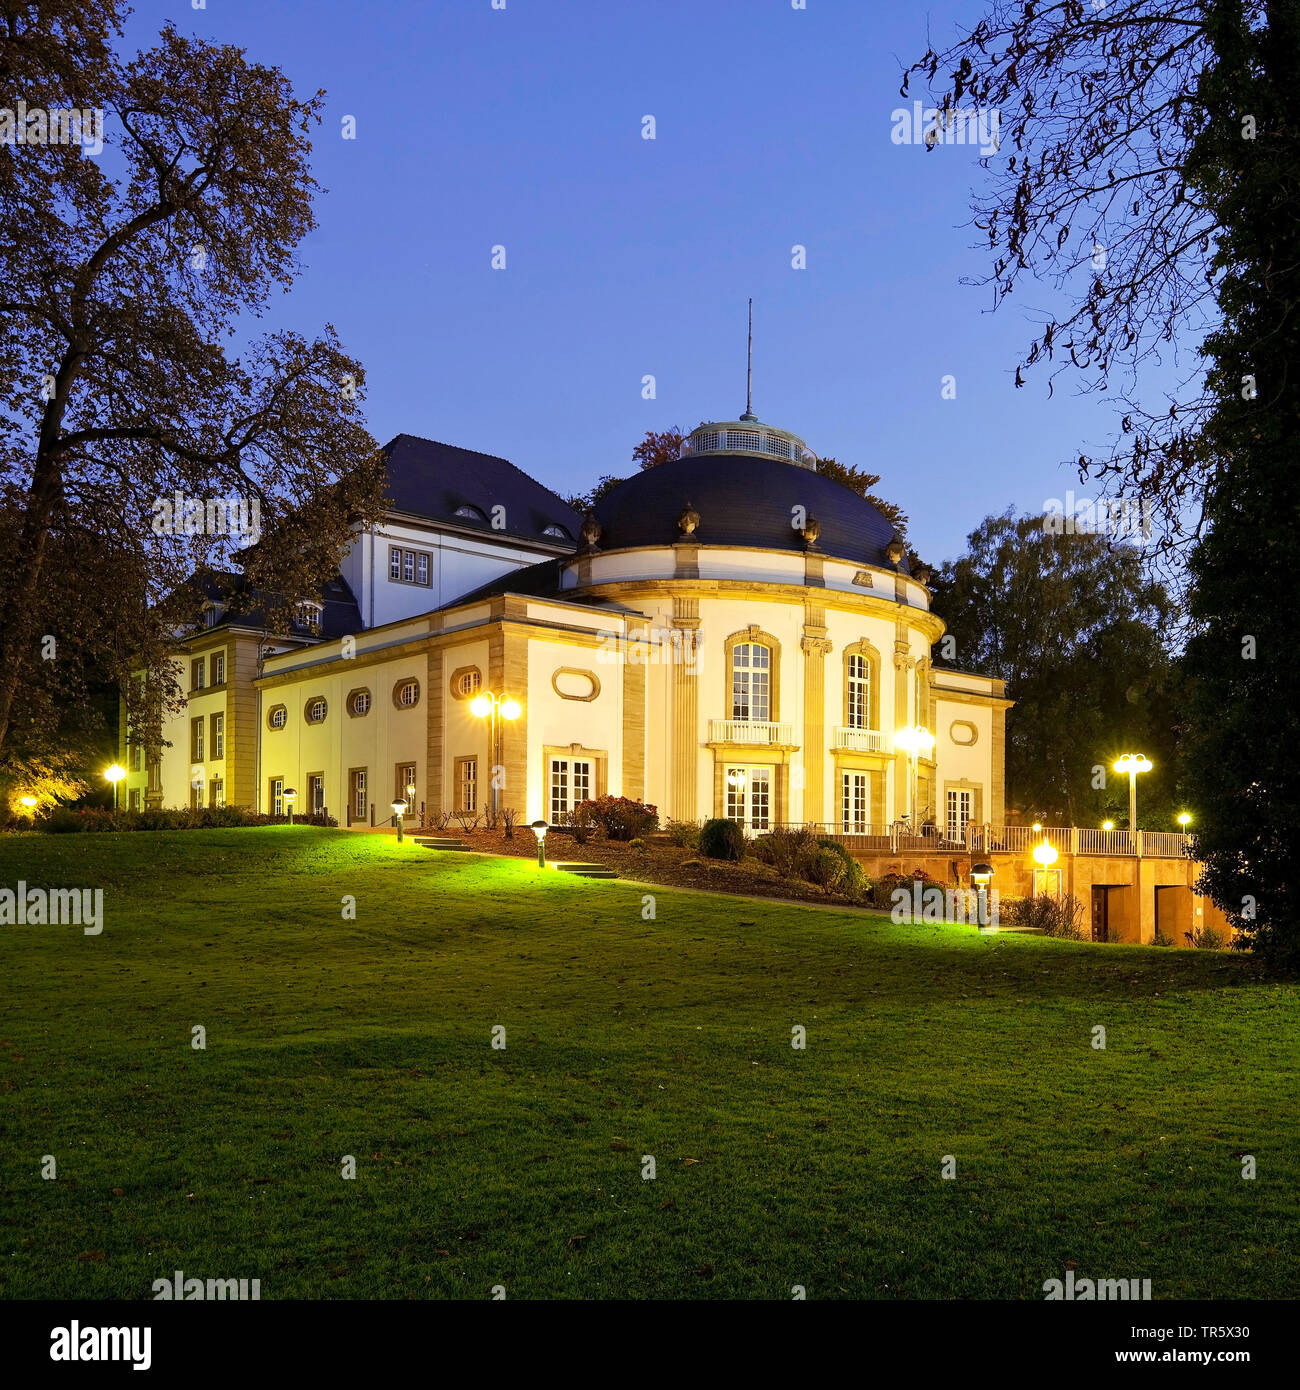 Teatro iluminado en el spa park en la hora azul, en Alemania, en Renania del Norte-Westfalia, Westfalia Oriental, Bad Oeynhausen Foto de stock